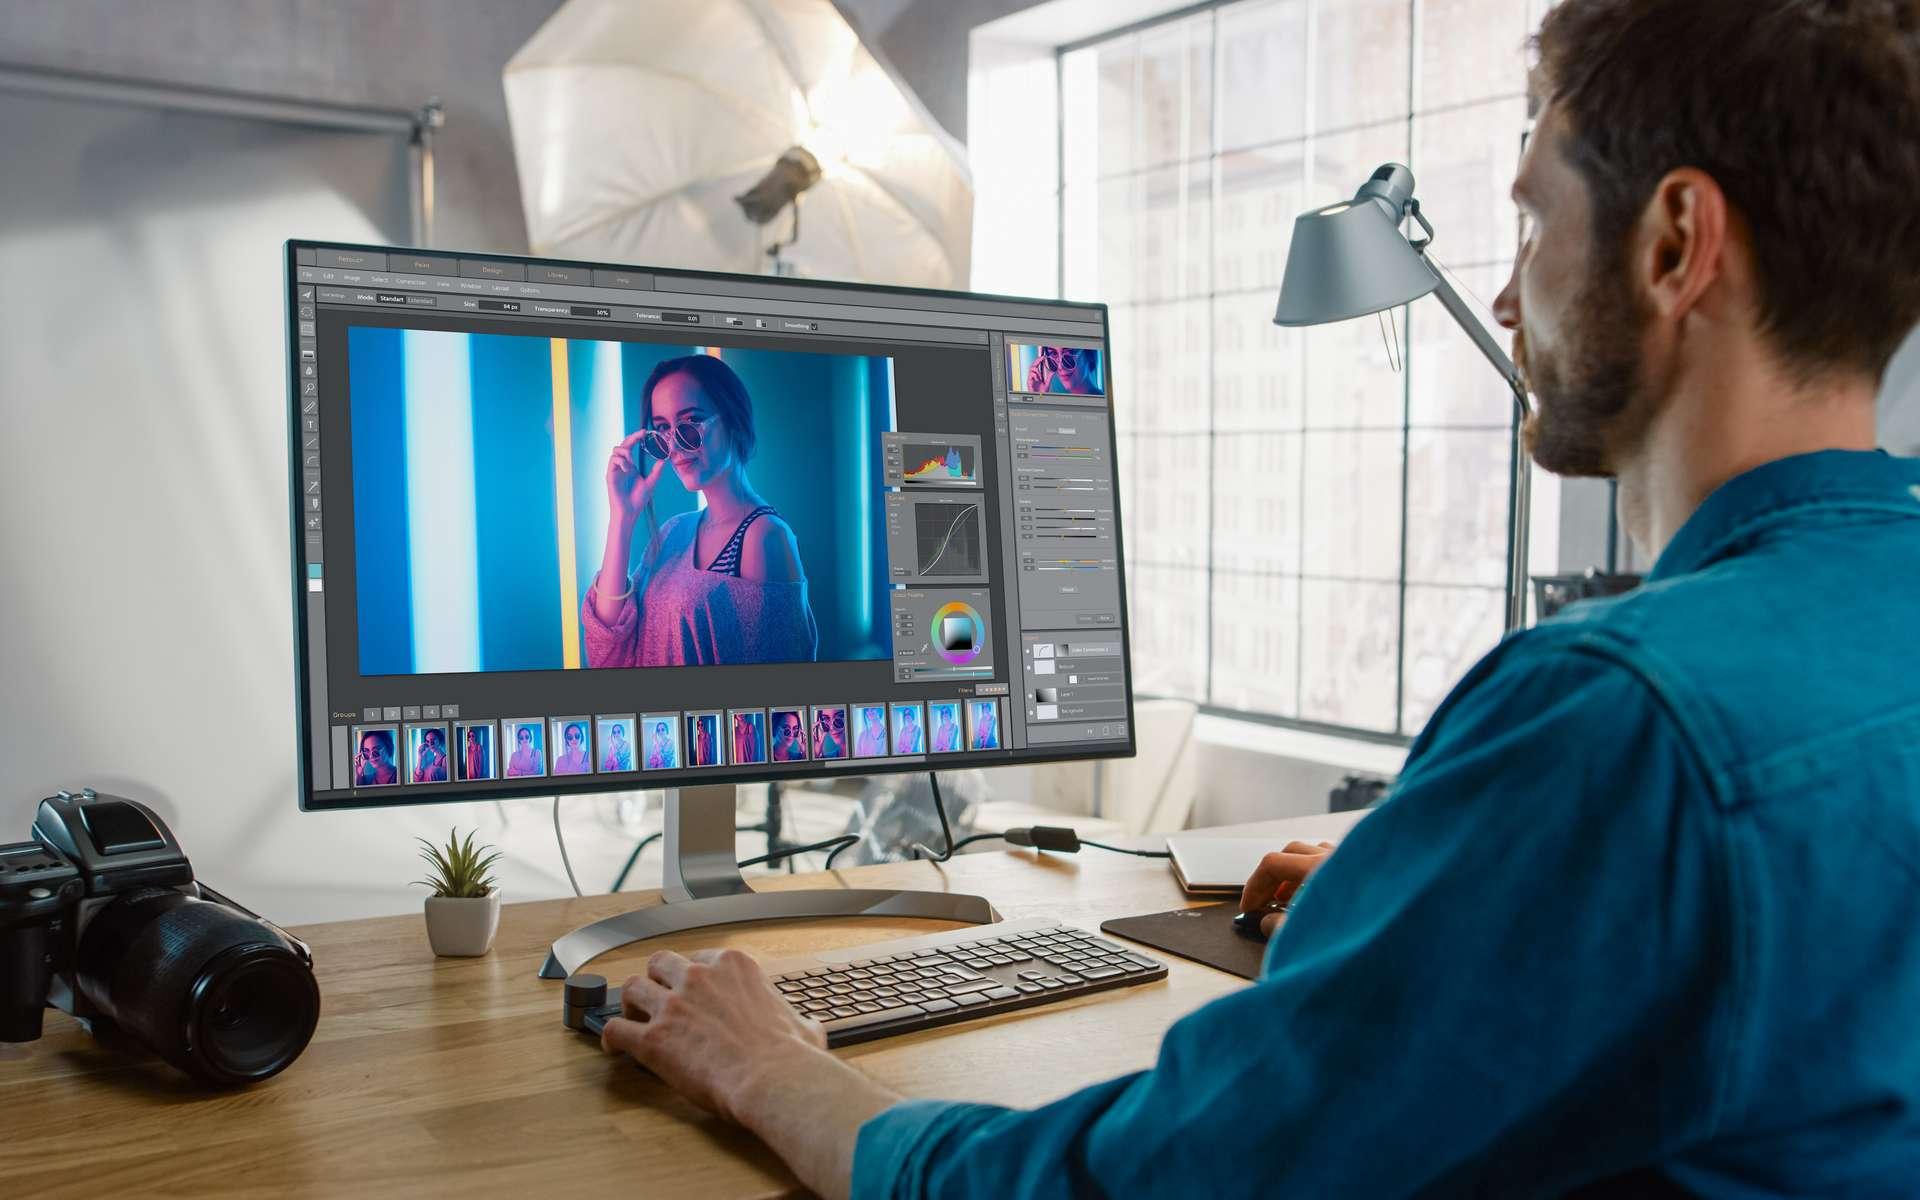 -93% sur votre formation Photoshop : profitez d'un bon plan inédit